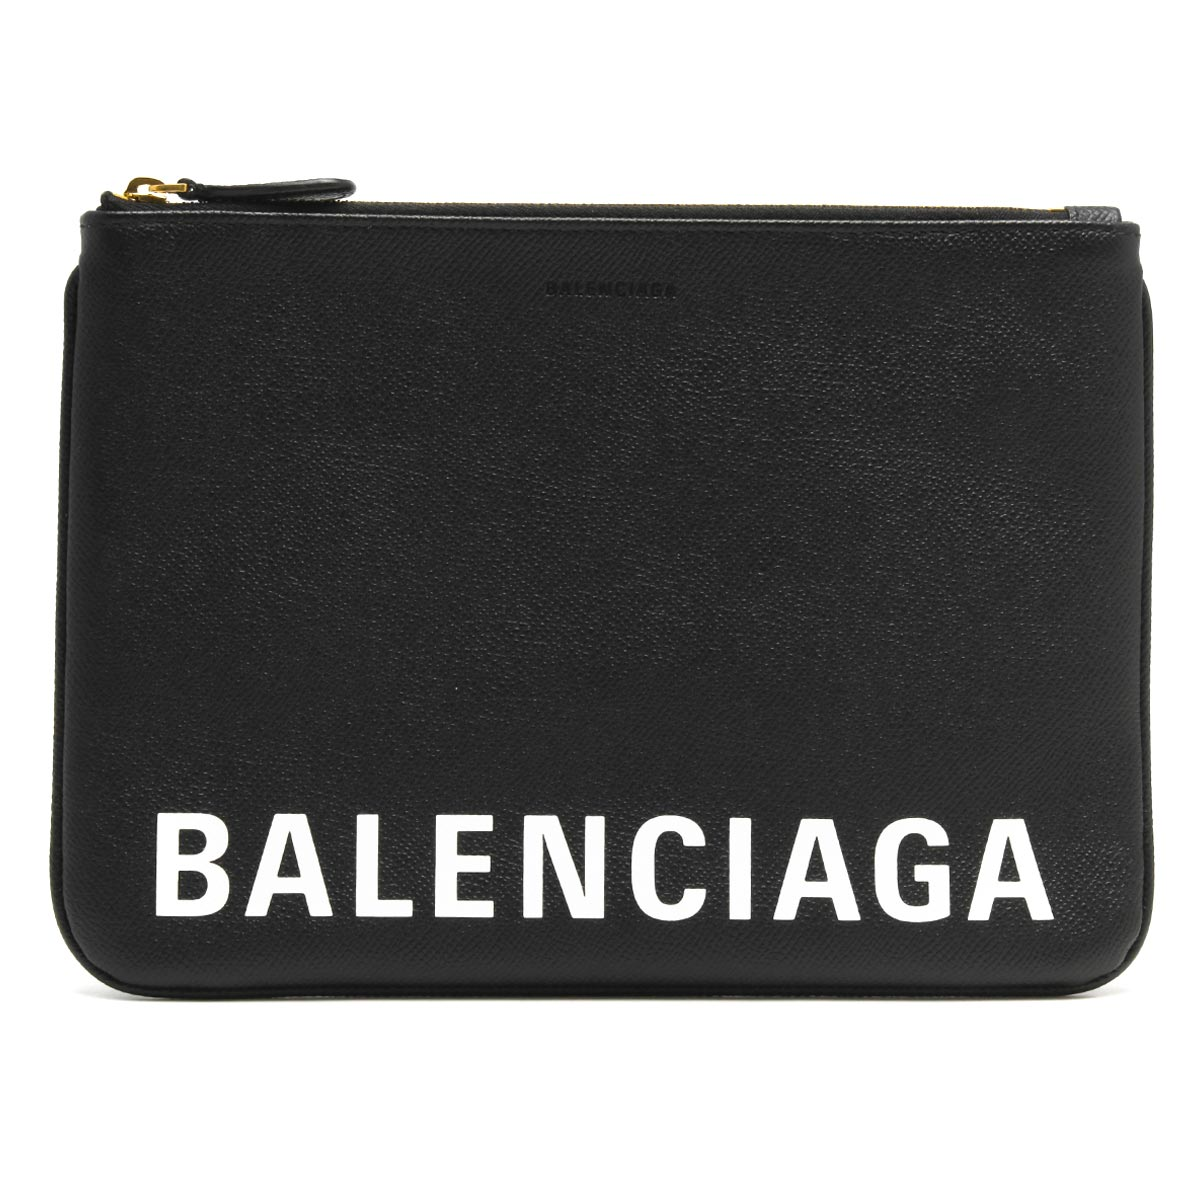 バレンシアガ クラッチバッグ/ポーチ バッグ メンズ レディース ヴィル ニューミディアム ブラック 579857 0OTNM 1090 BALENCIAGA